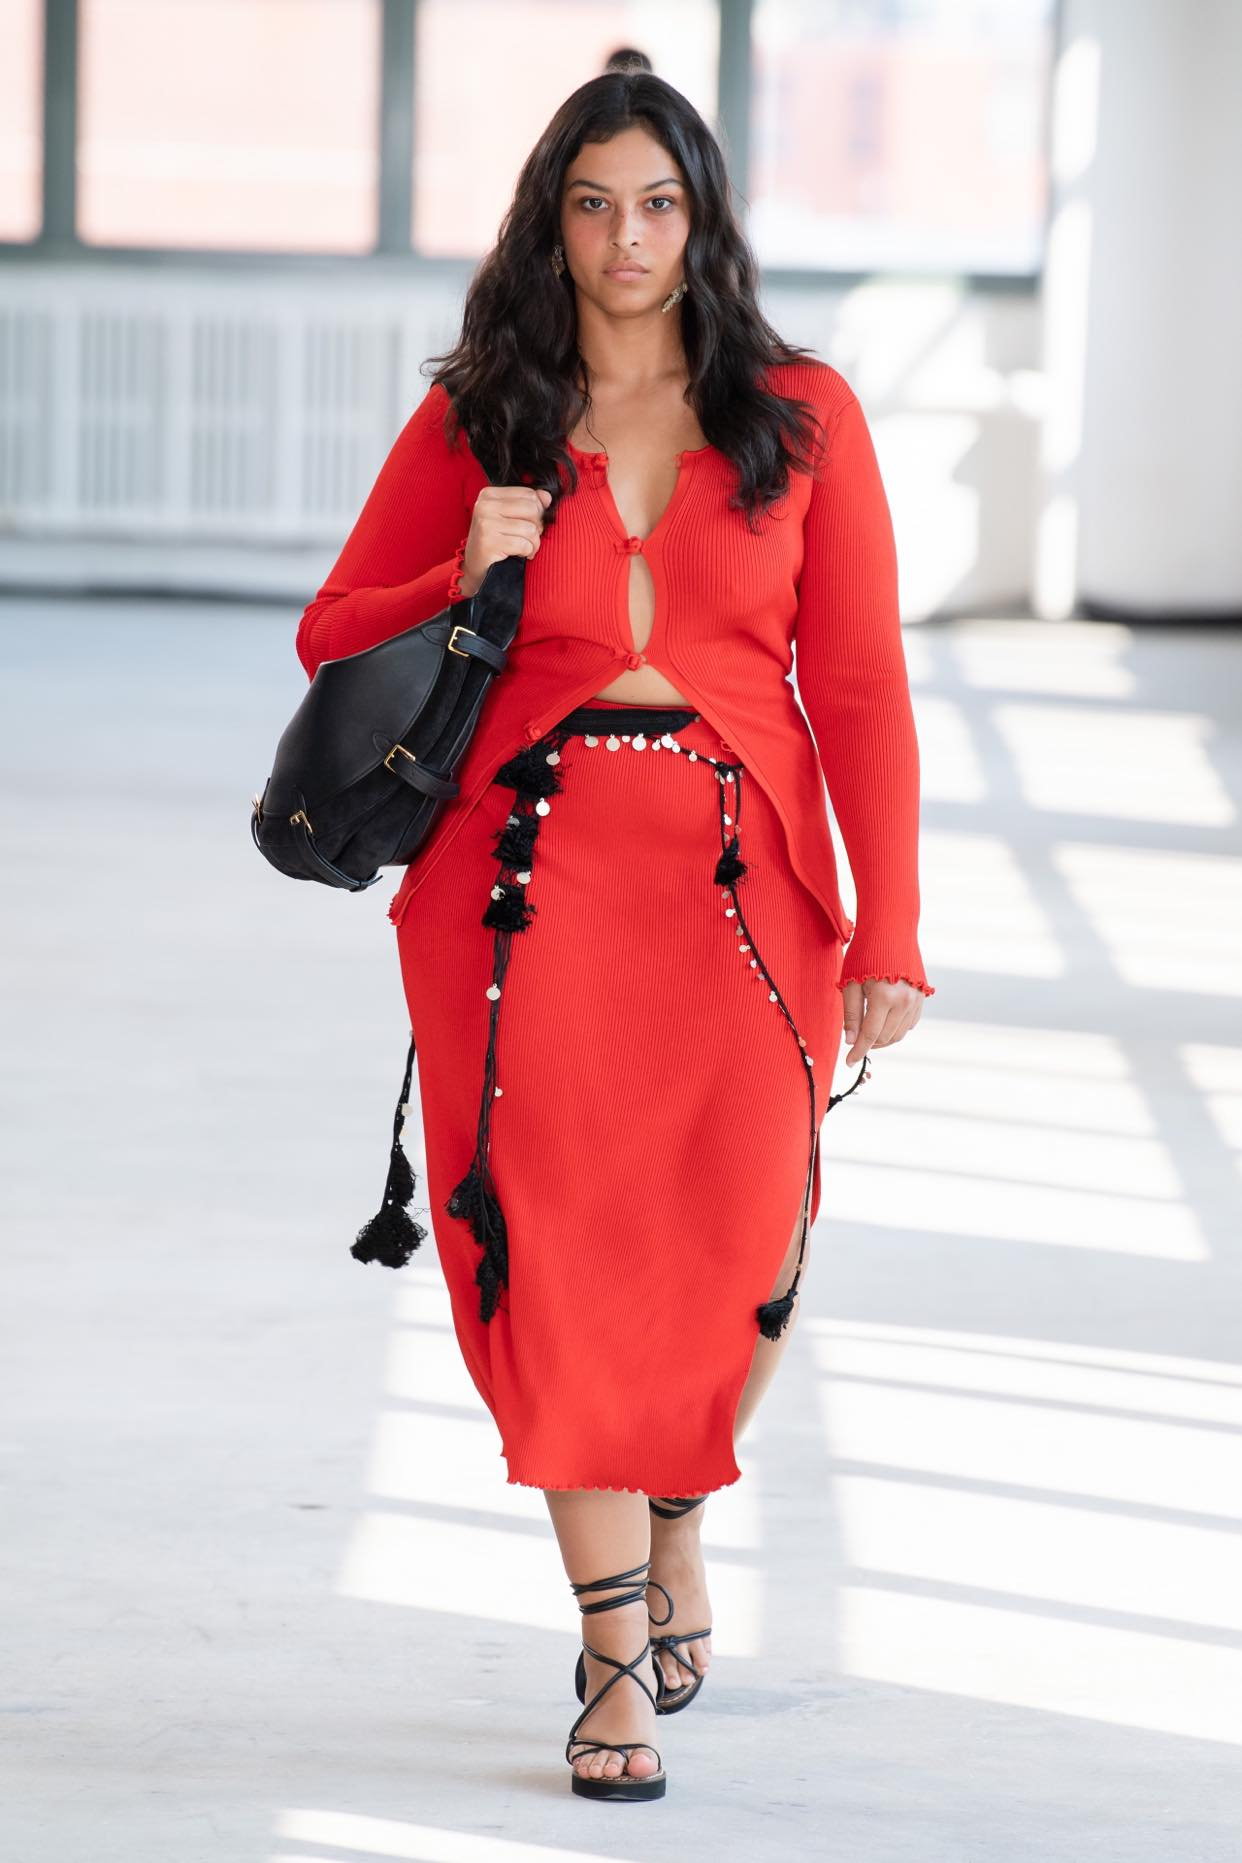 Altazurra thời trang xuân hè 2022 look7